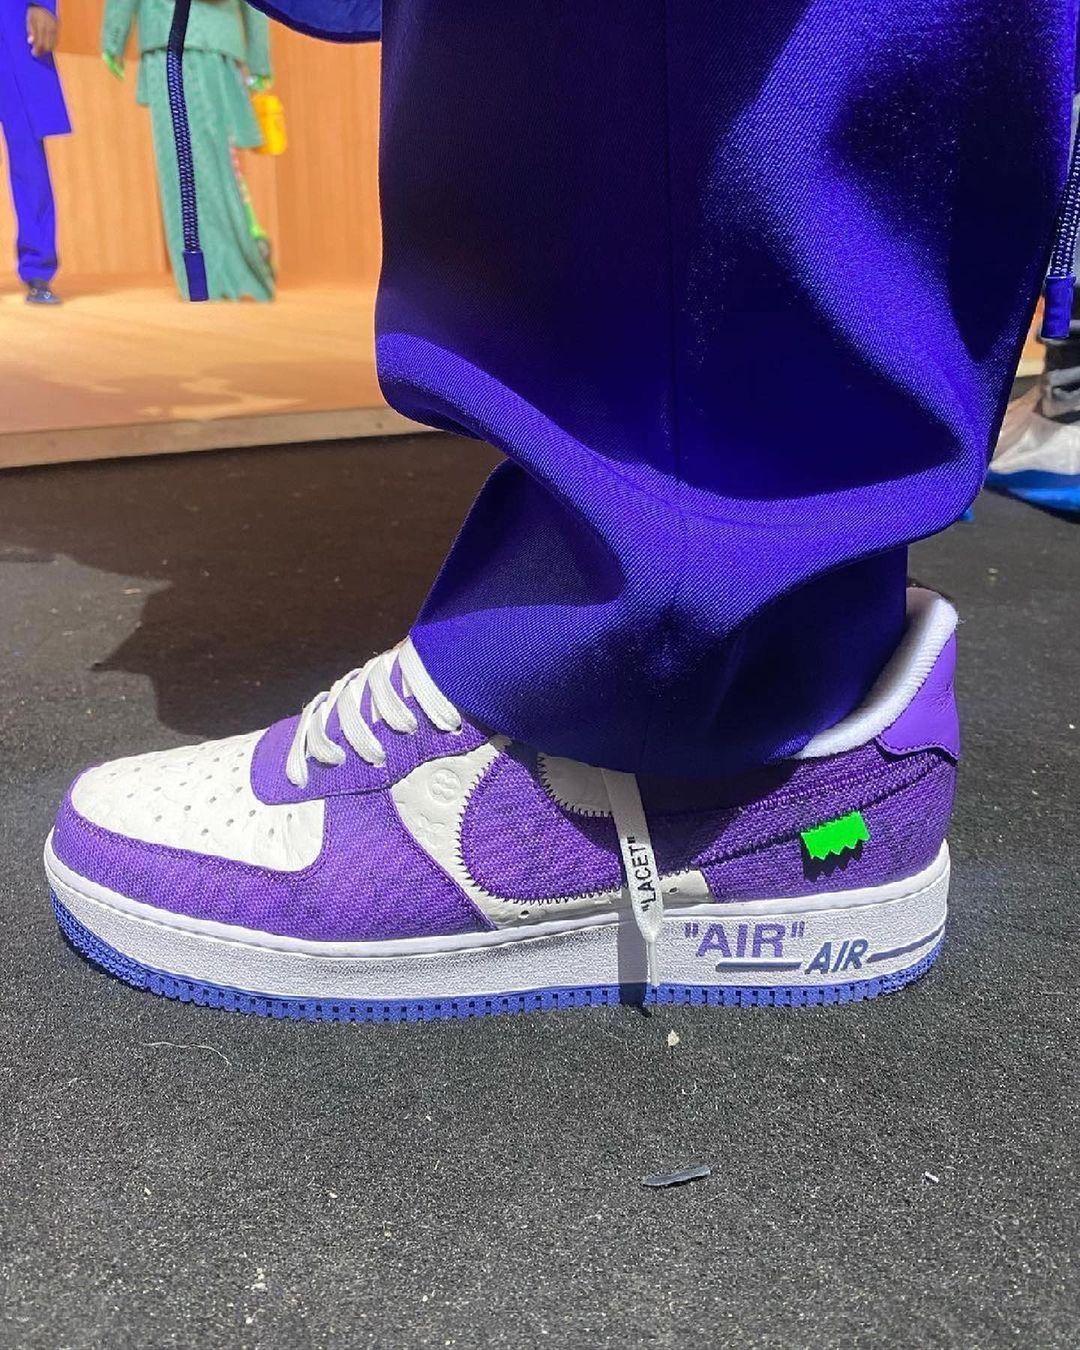 Louis Vuitton presenta le nuove Air Force 1 in collaborazione con Nike